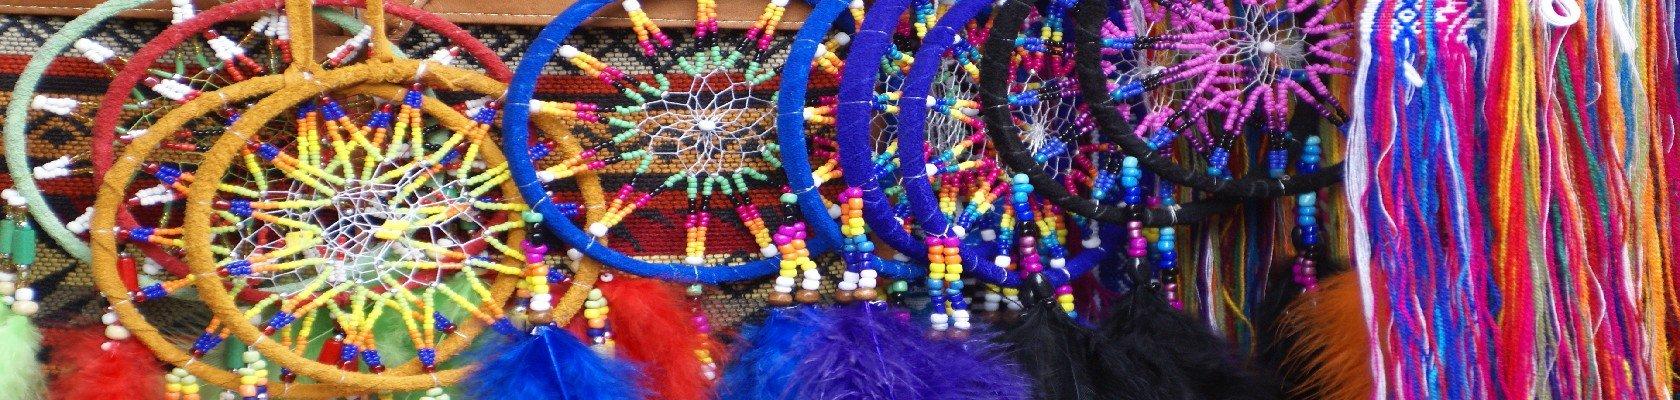 Lokale indianenmarkt van Otavalo